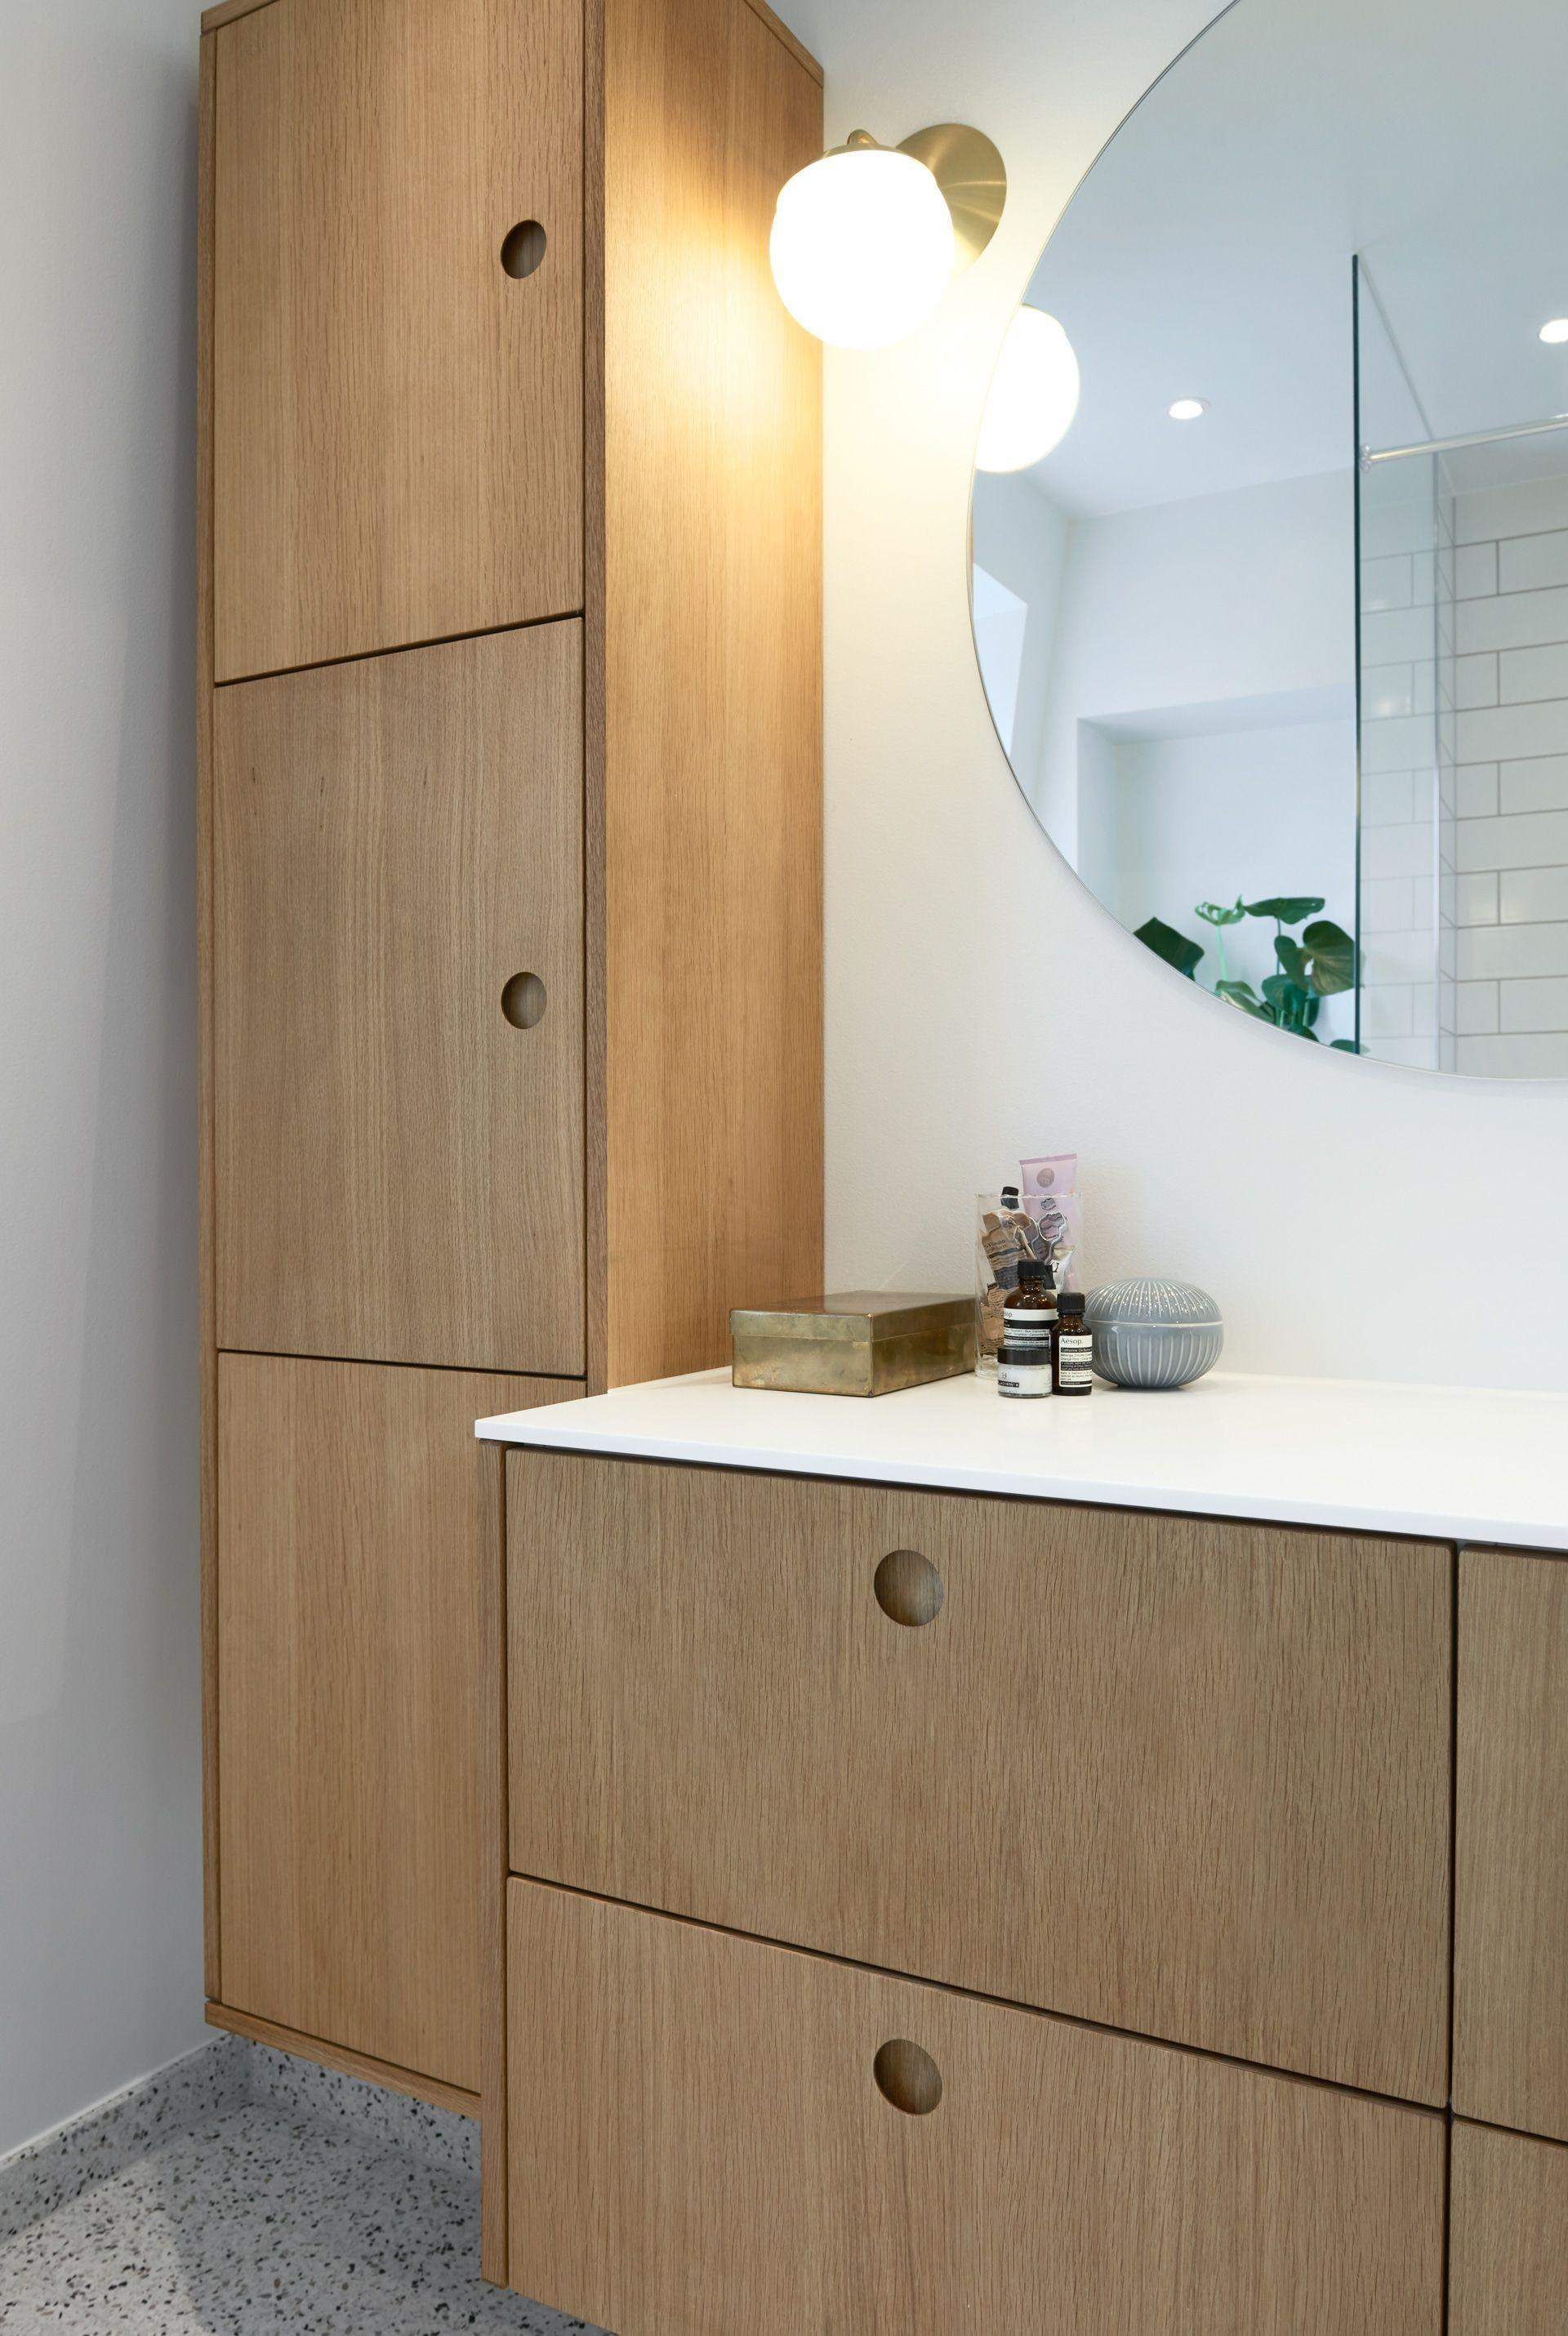 Schnell Abnehmen Bauch In 2020 Simple Bathroom Decor Bathroom Design Bathroom Styling